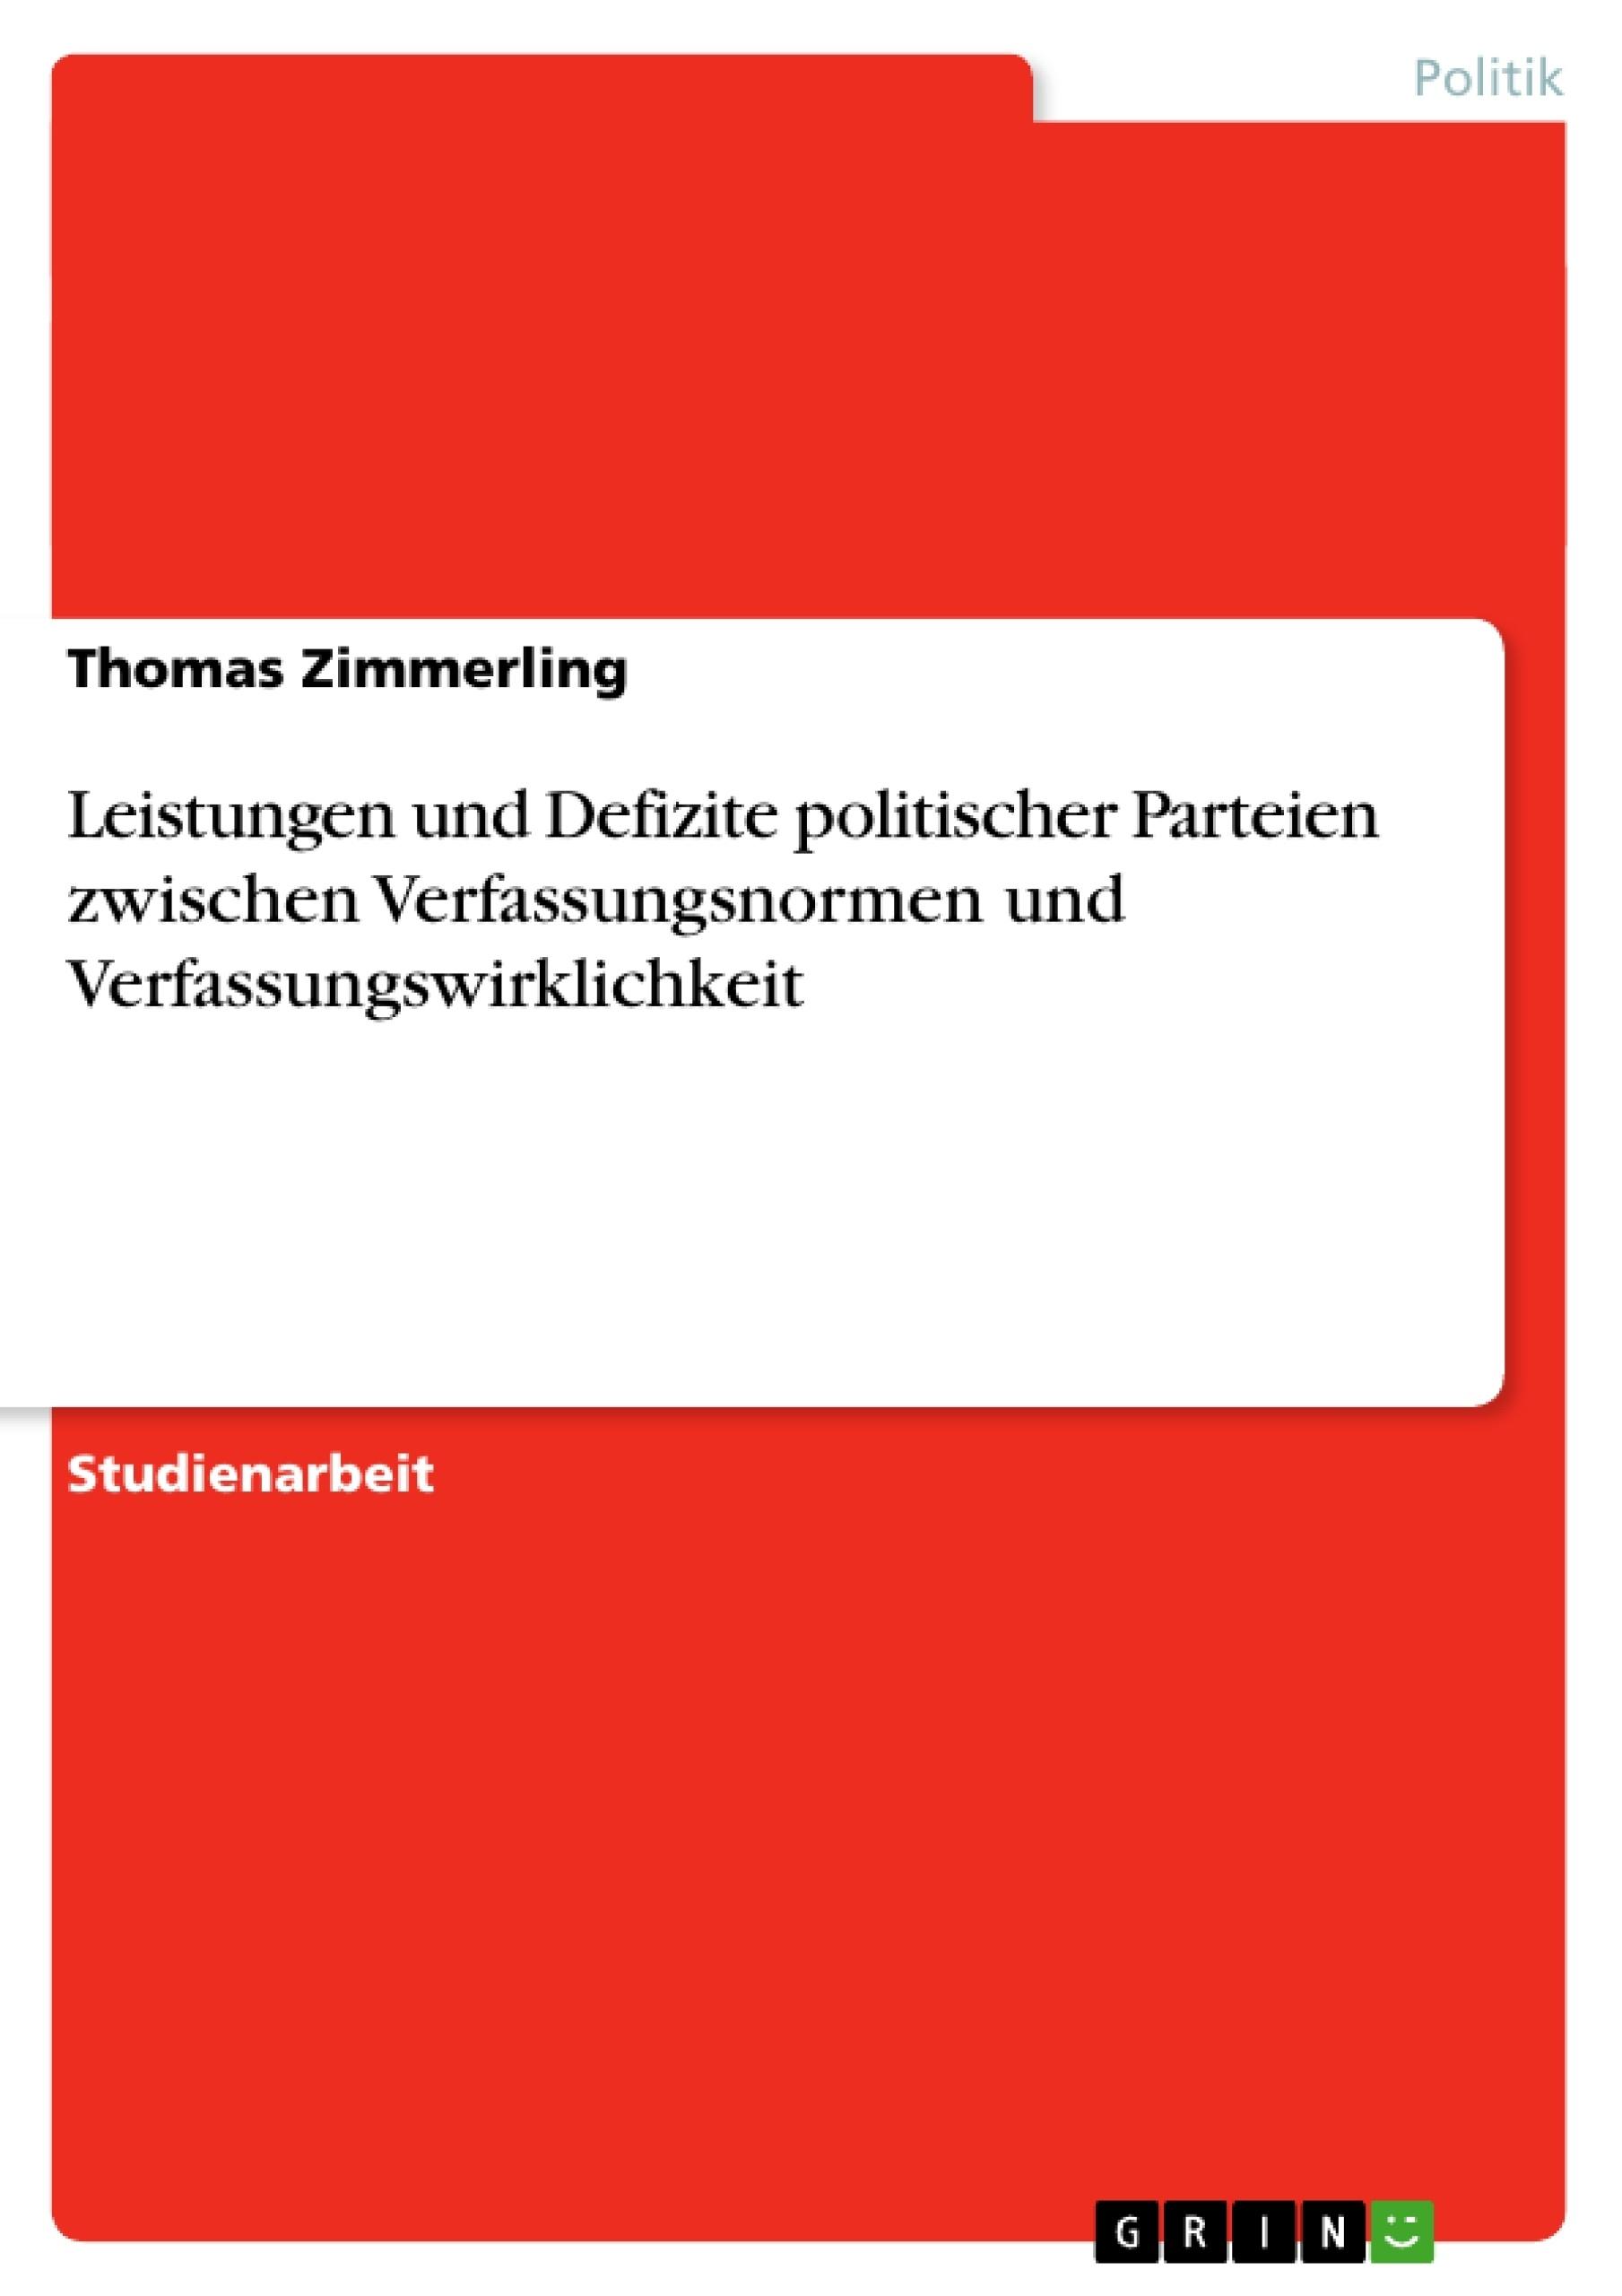 Titel: Leistungen und Defizite politischer Parteien zwischen Verfassungsnormen und Verfassungswirklichkeit